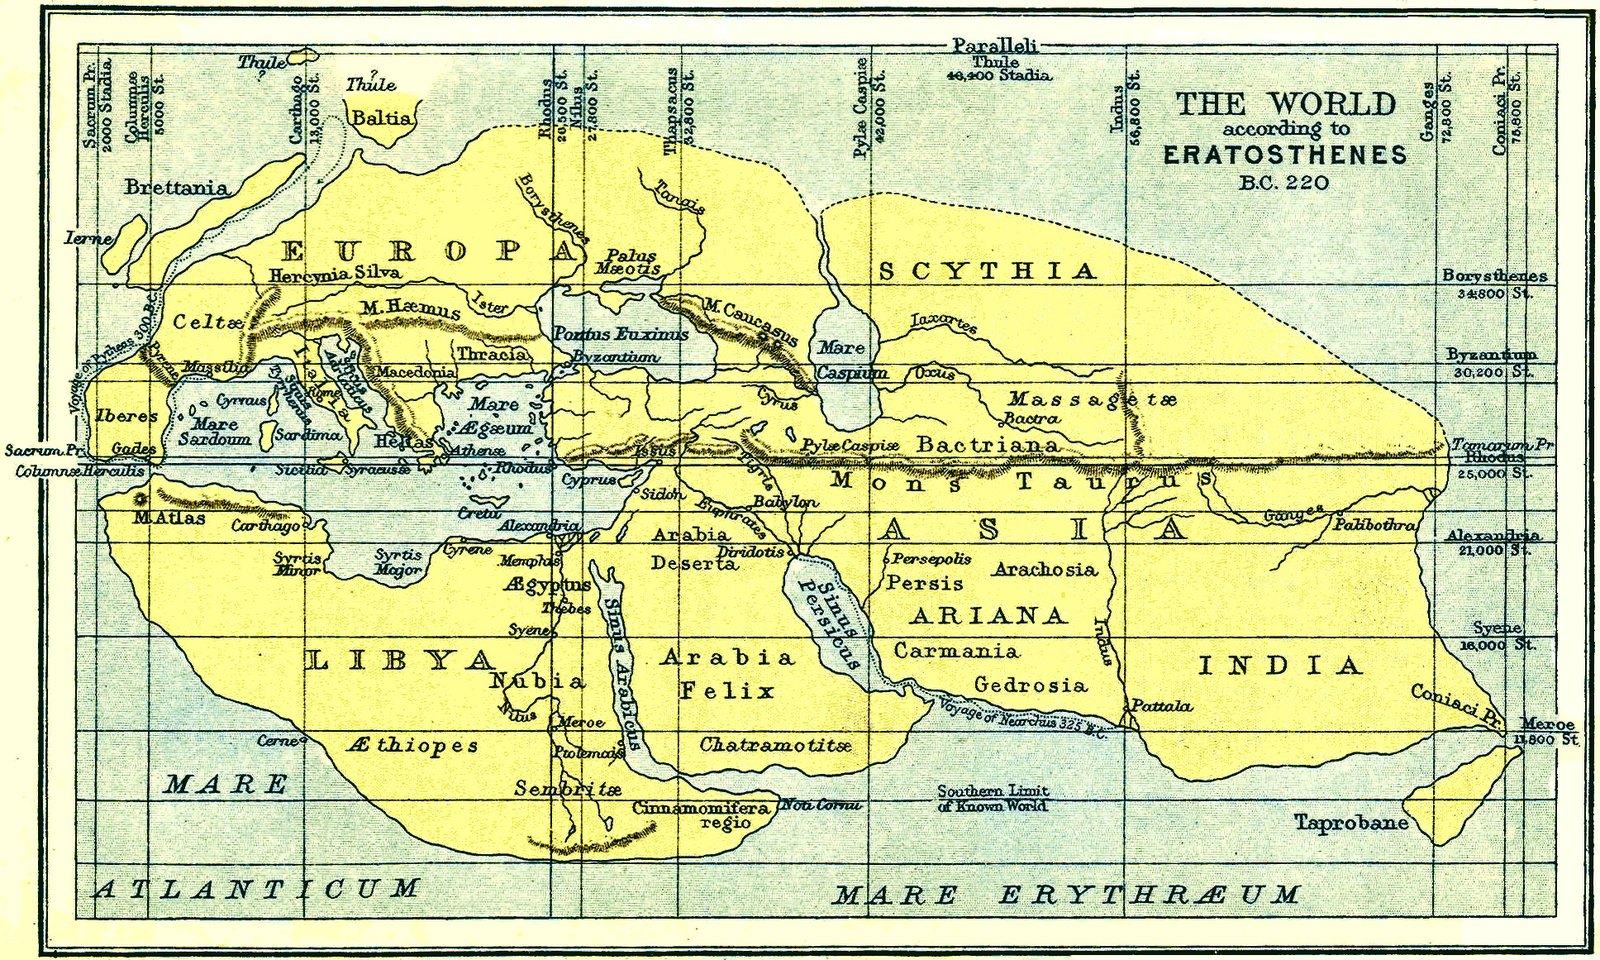 Ο κόσμος σύμφωνα με τον Ερατοσθένη το 220 π.Χ.